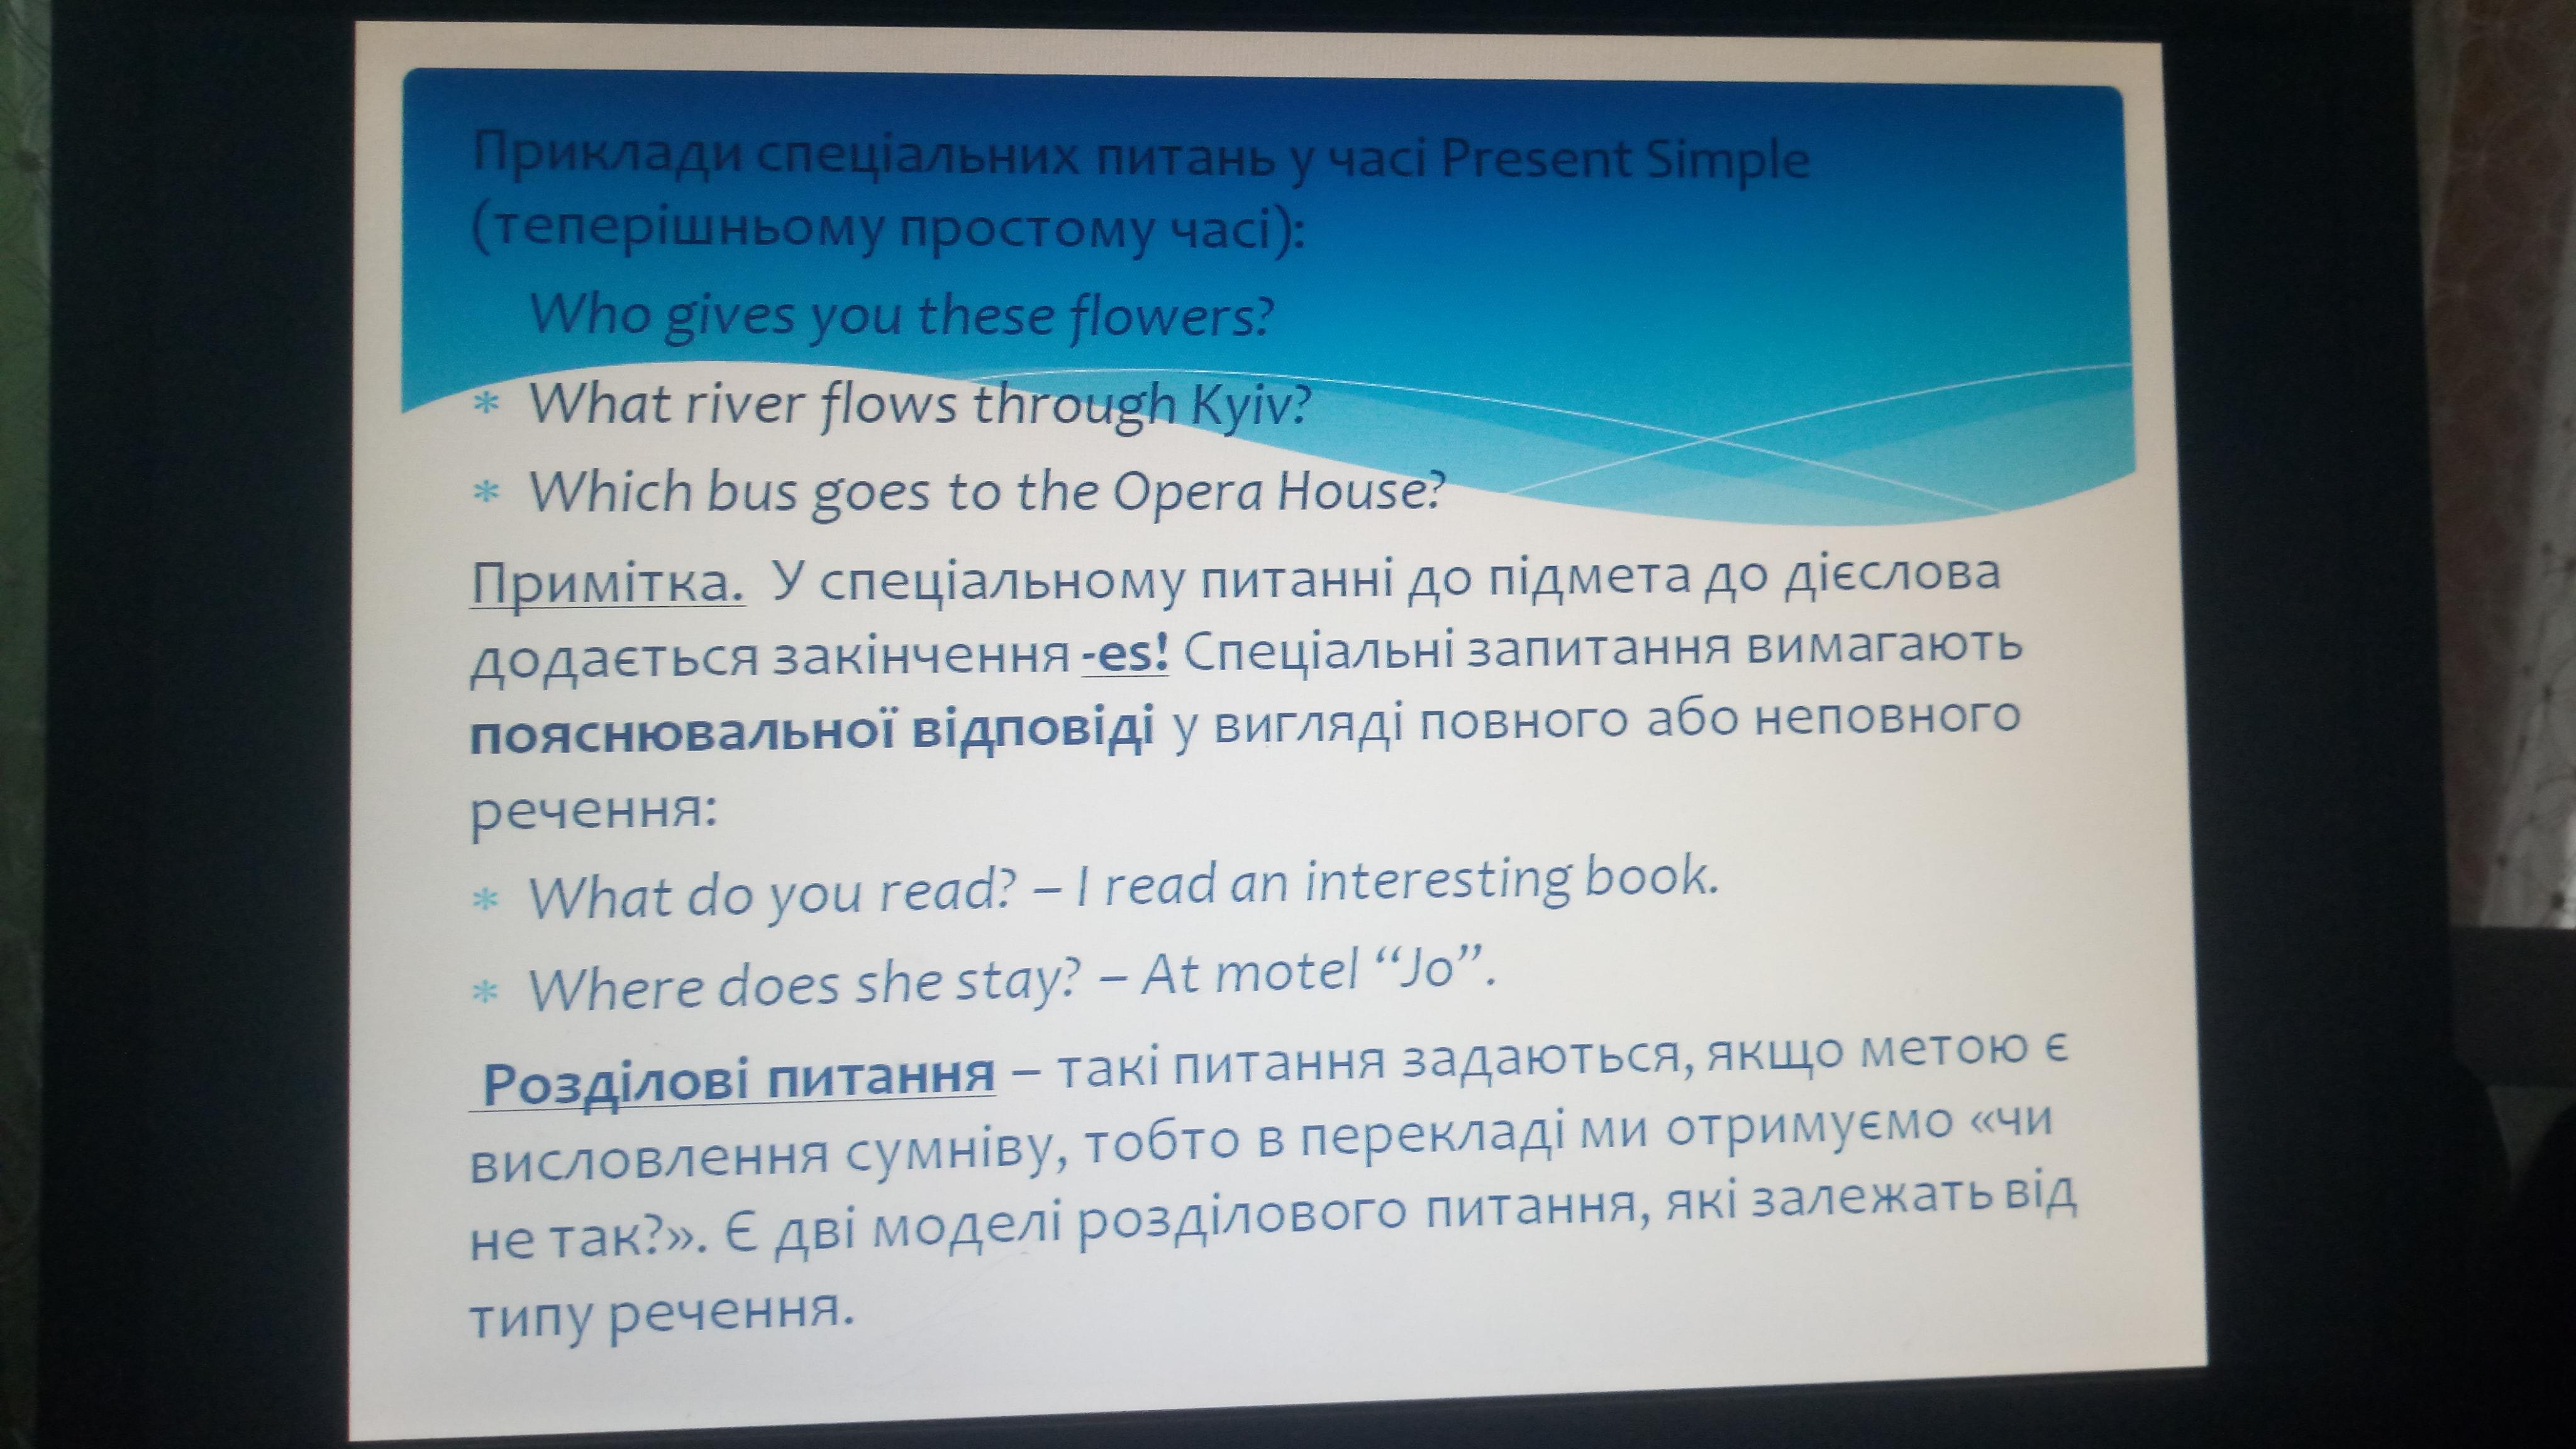 Фото Приклади відповіді на запитання